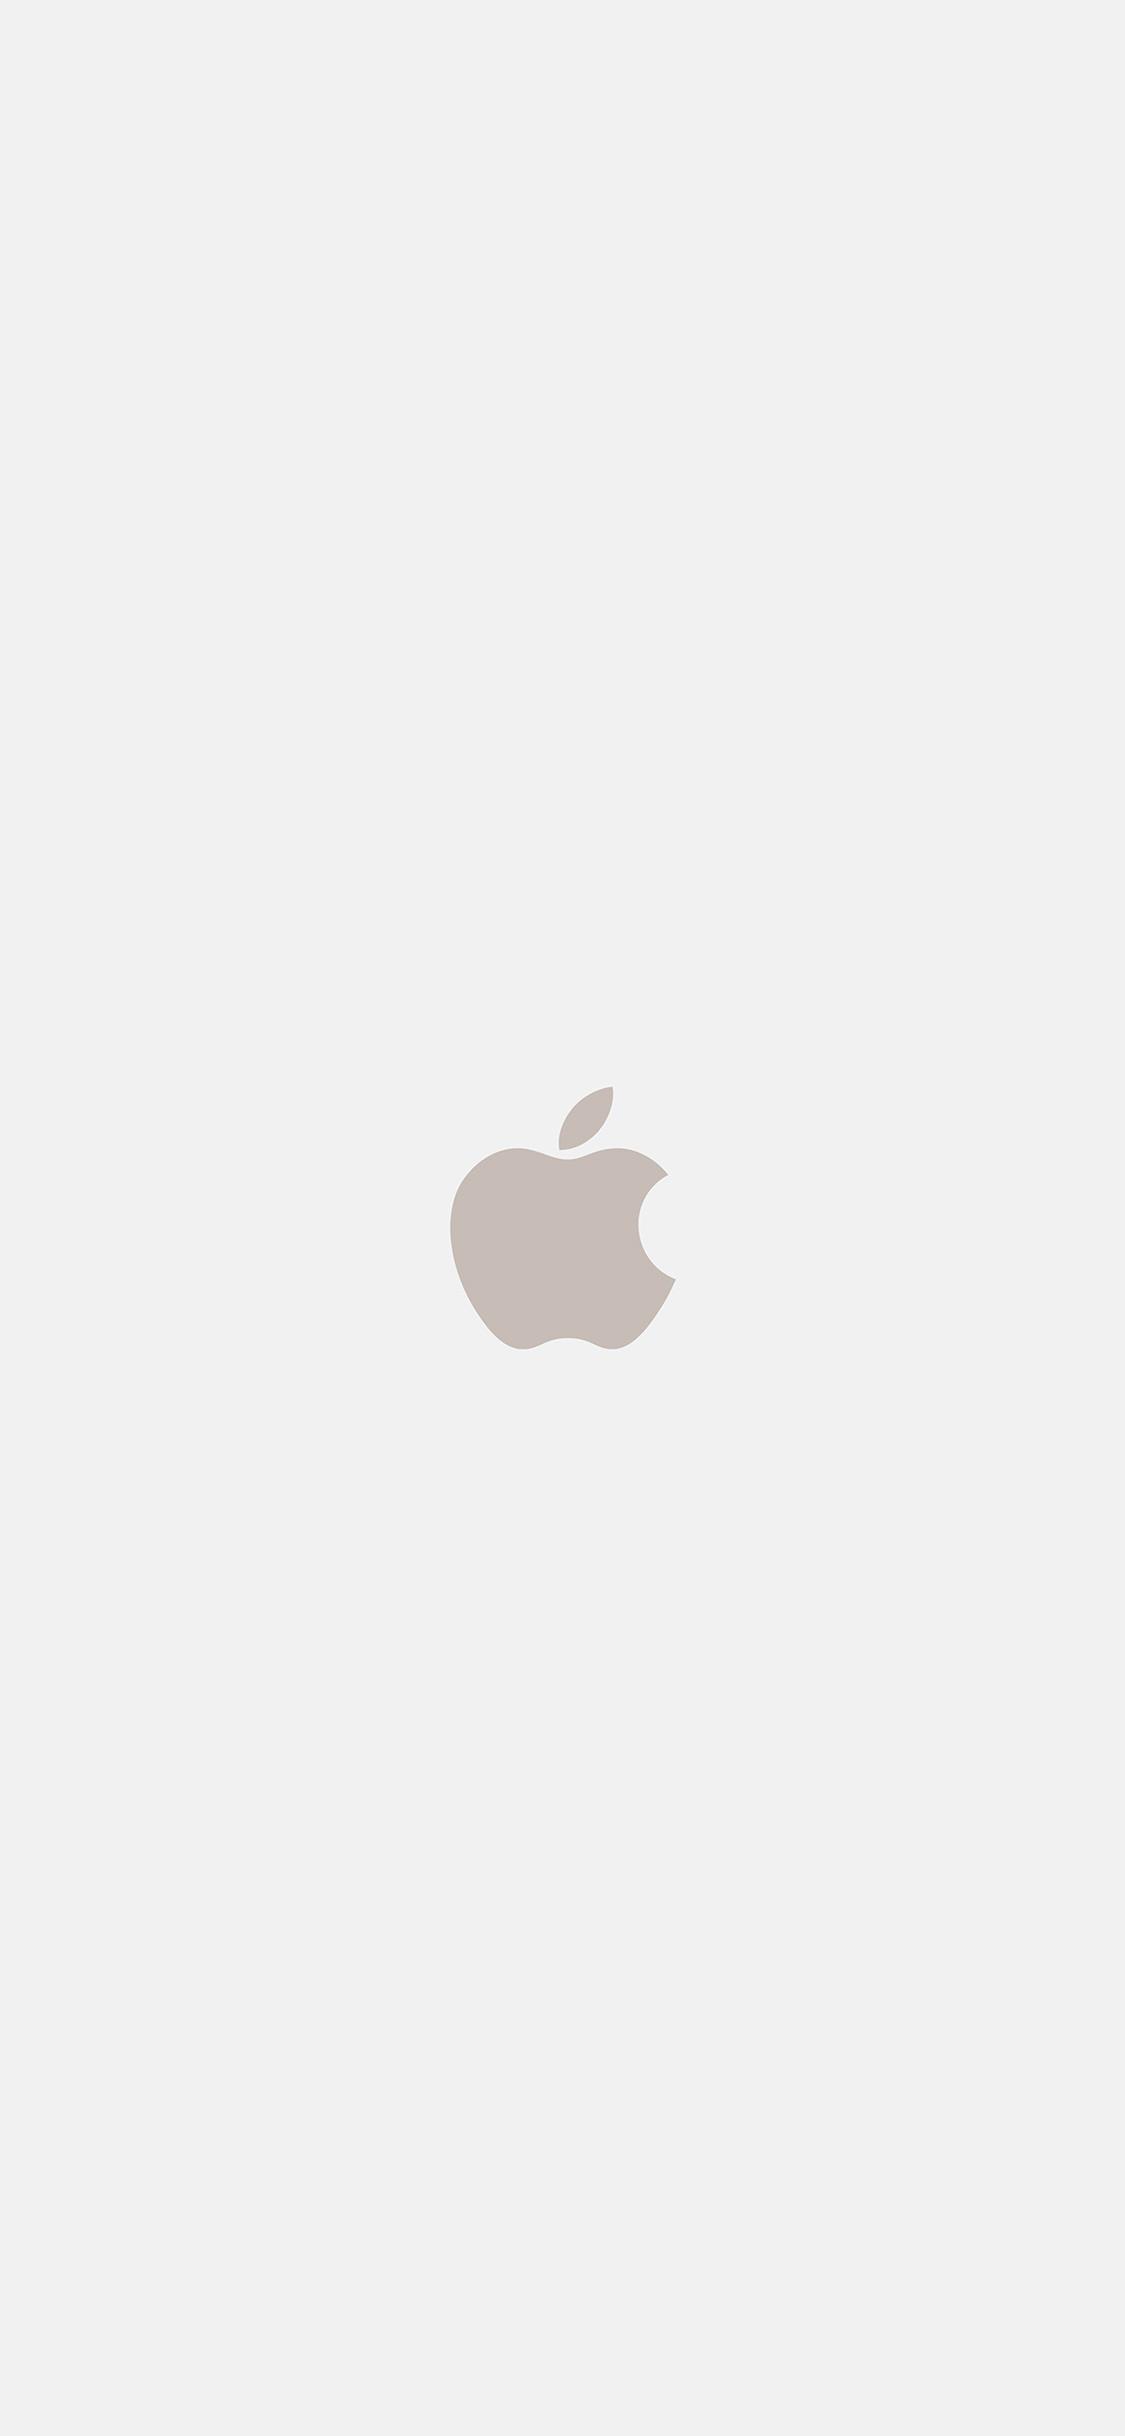 As69 Iphone7 Apple Logo White Gold Art Illustration Wallpaper